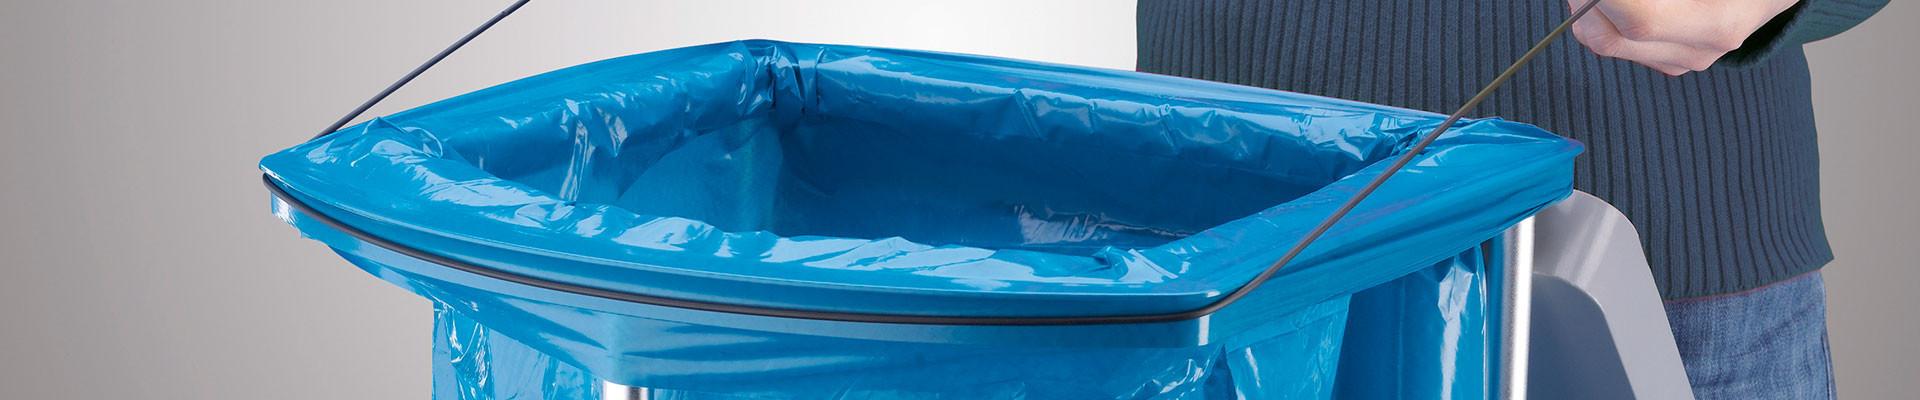 Achetez un support de sac poubelle de haute qualité | Hailo